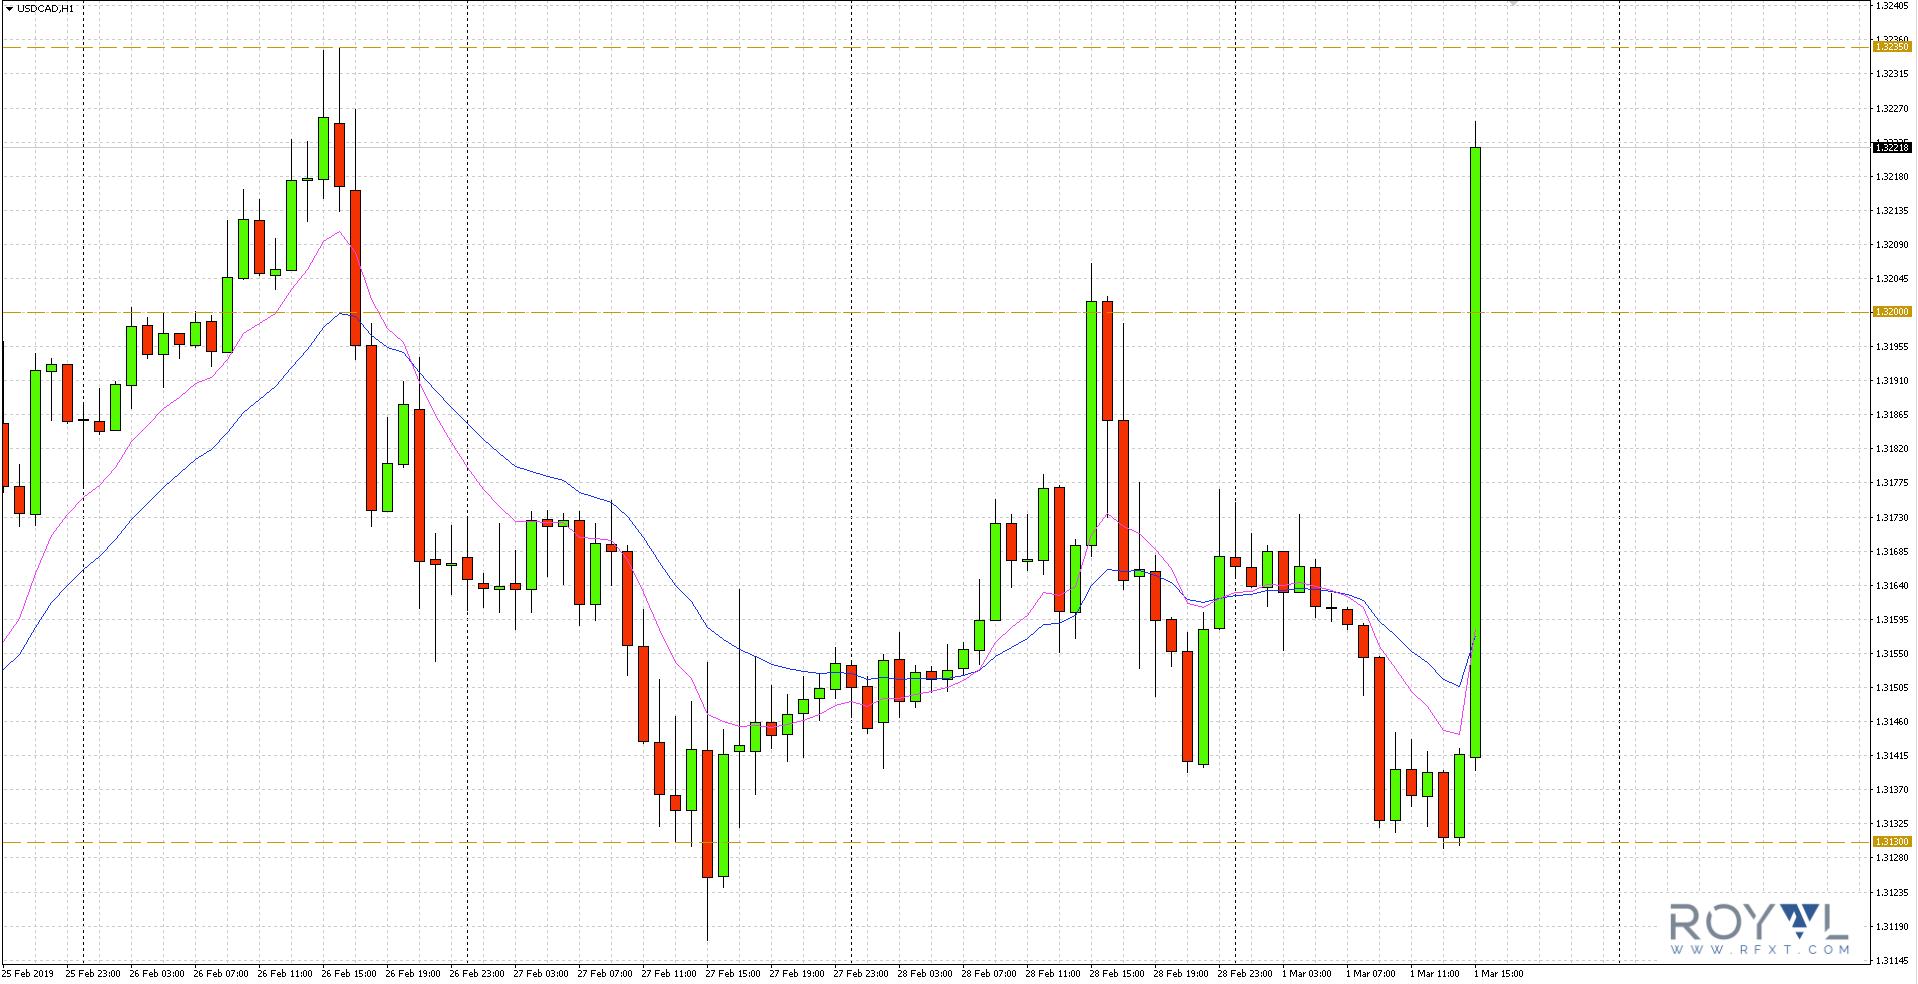 Kurs dolara kanadyjskiego po odczycie danych dotyczących wzrostu gospodarczego osłabił się w stosunku do USD, co zaowocowało wzrostem na parze walutowej USD/CAD